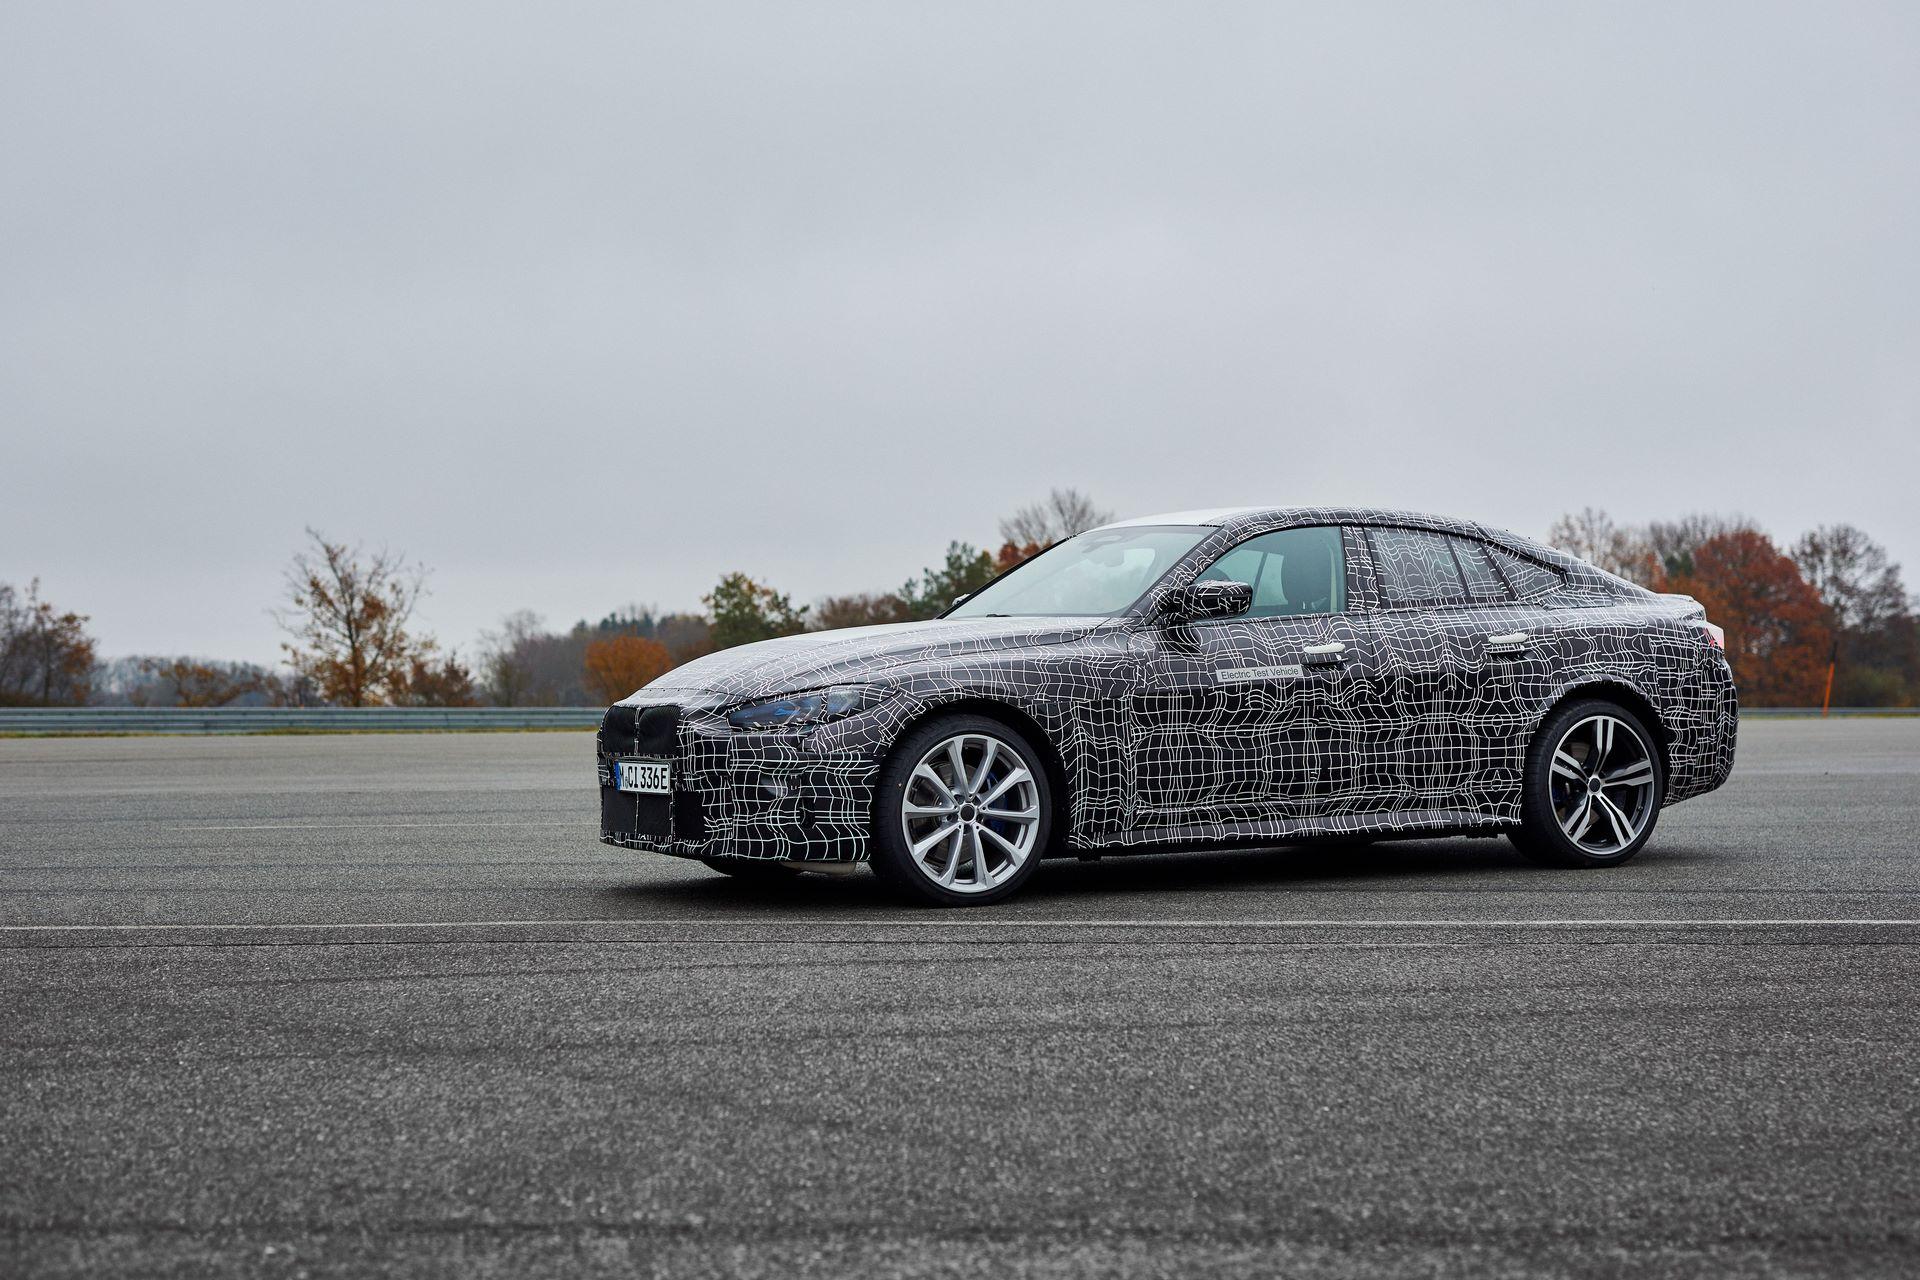 BMW-i4-spy-photos-20